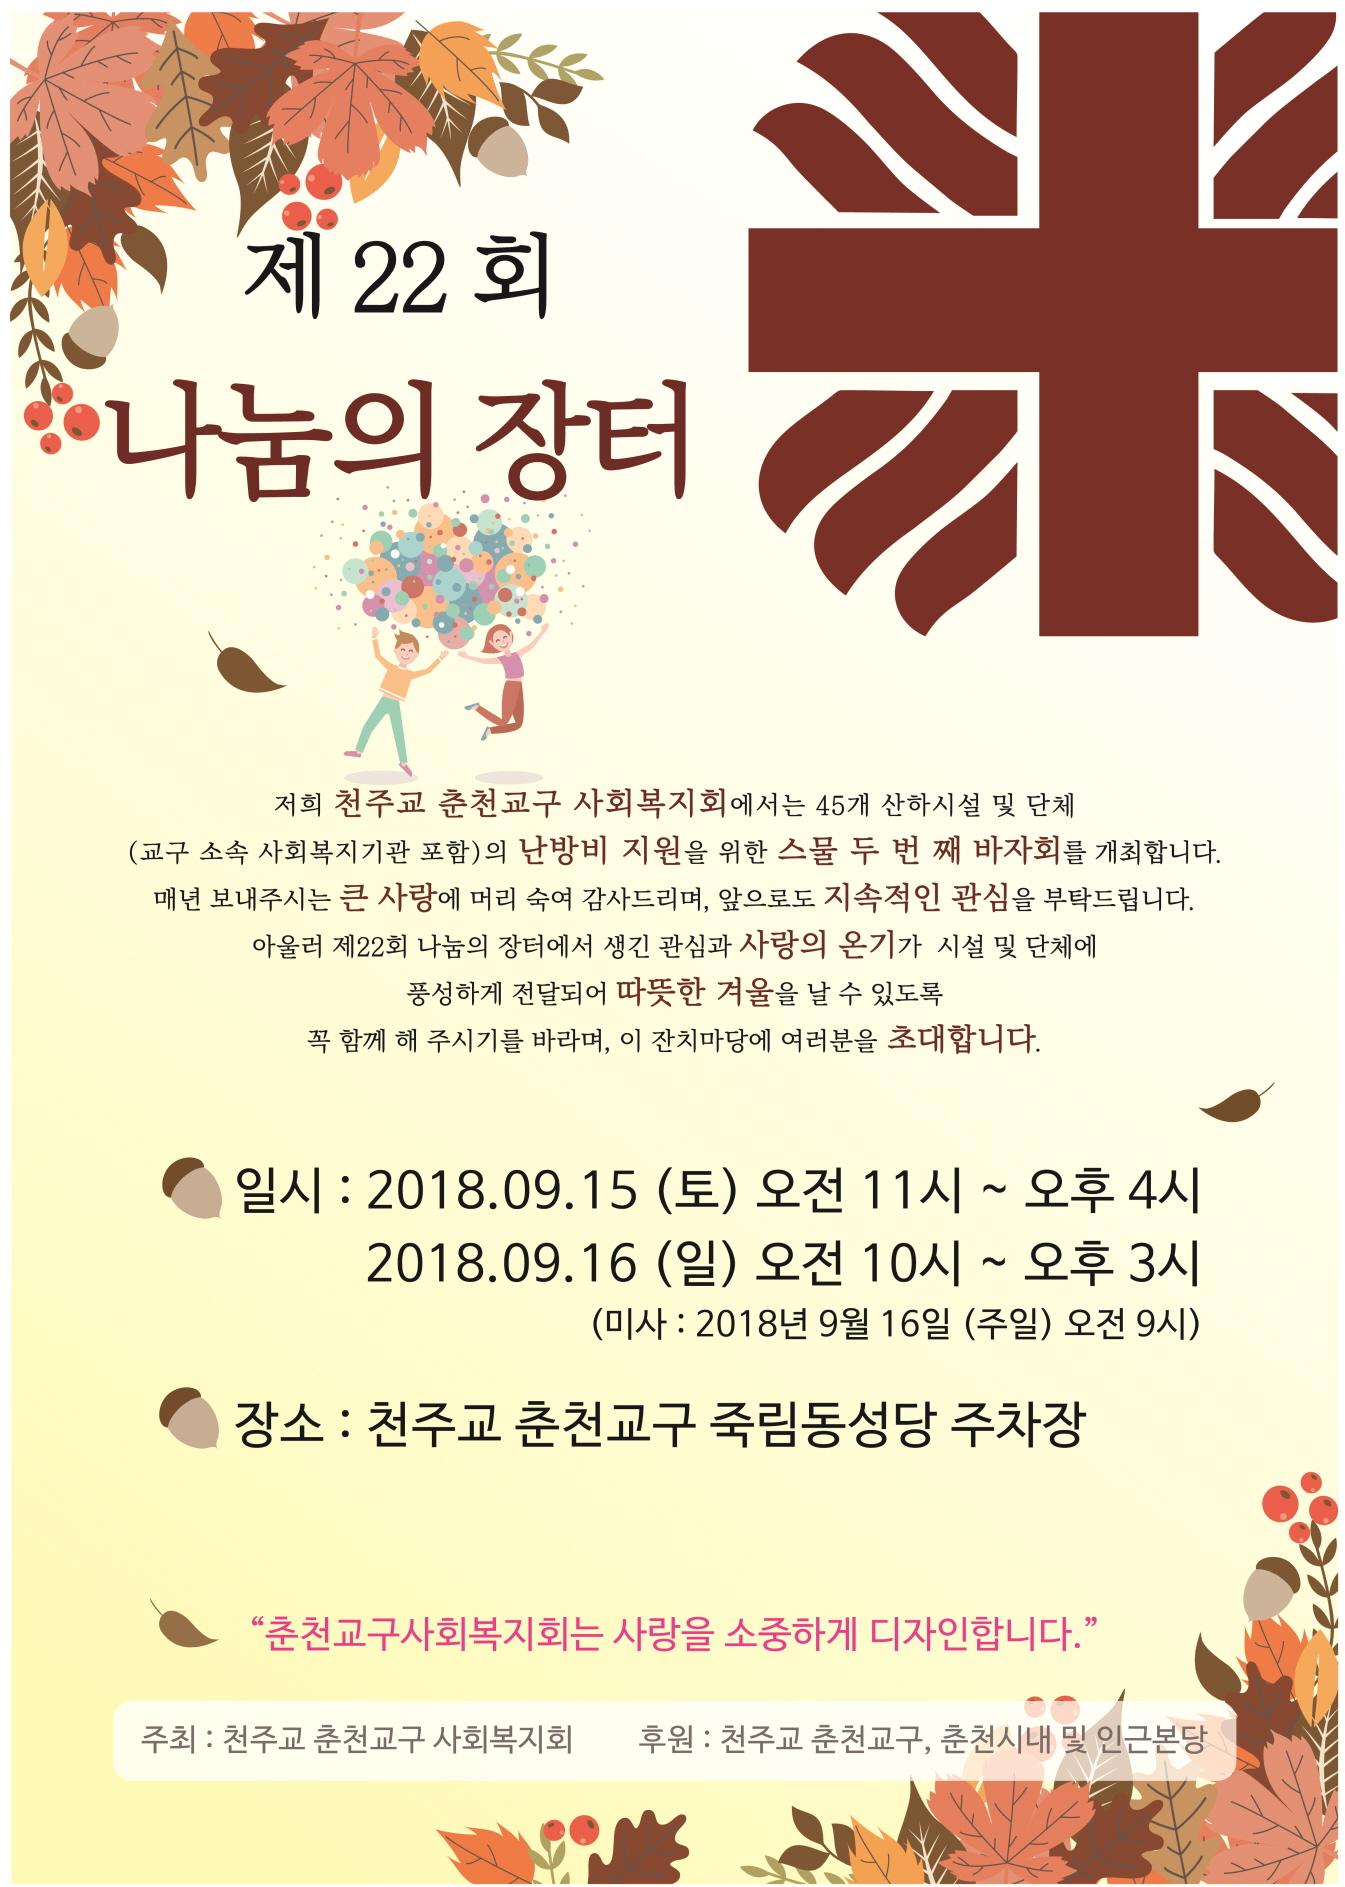 제22회 바자회 포스터-최종.jpg